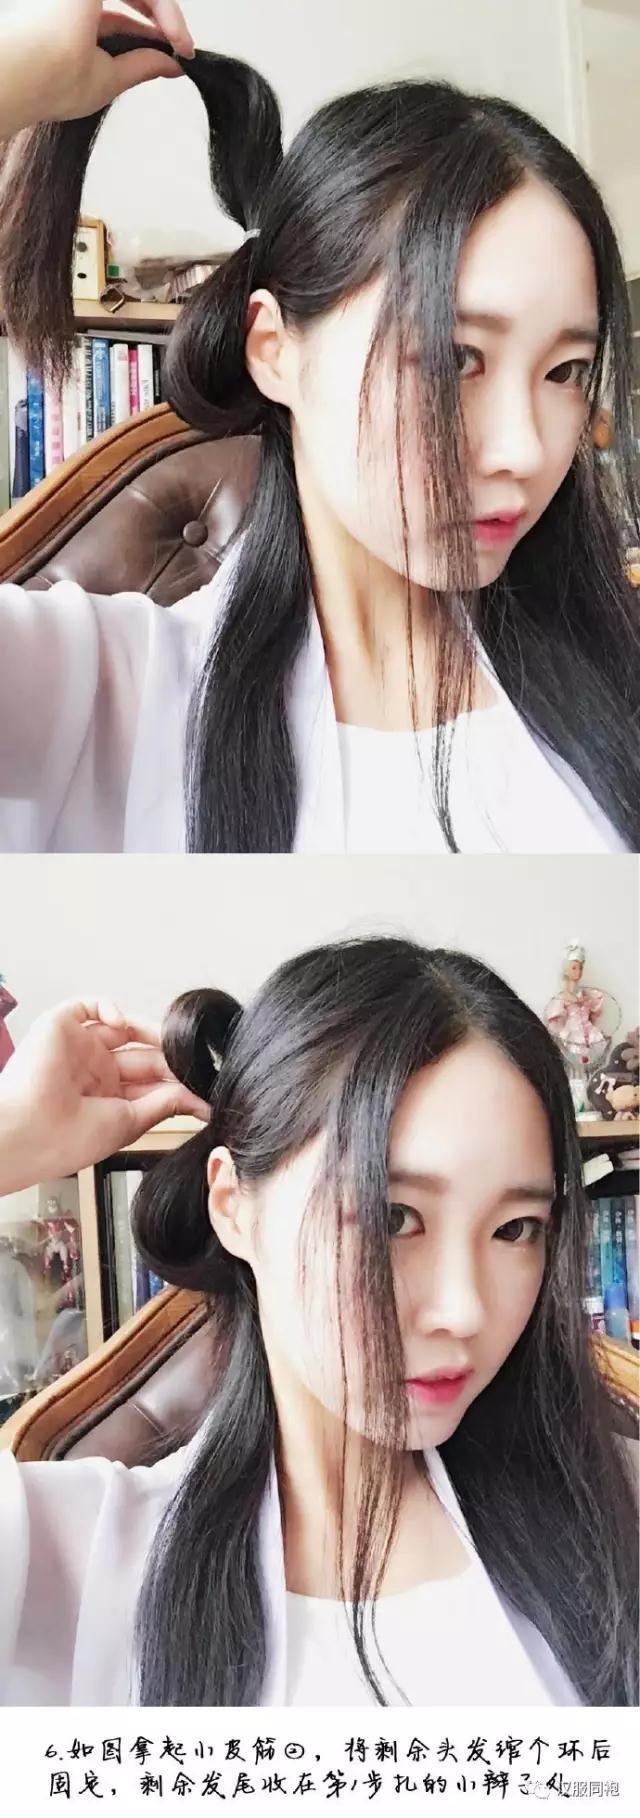 一款温婉淑女的发型教程-图片7